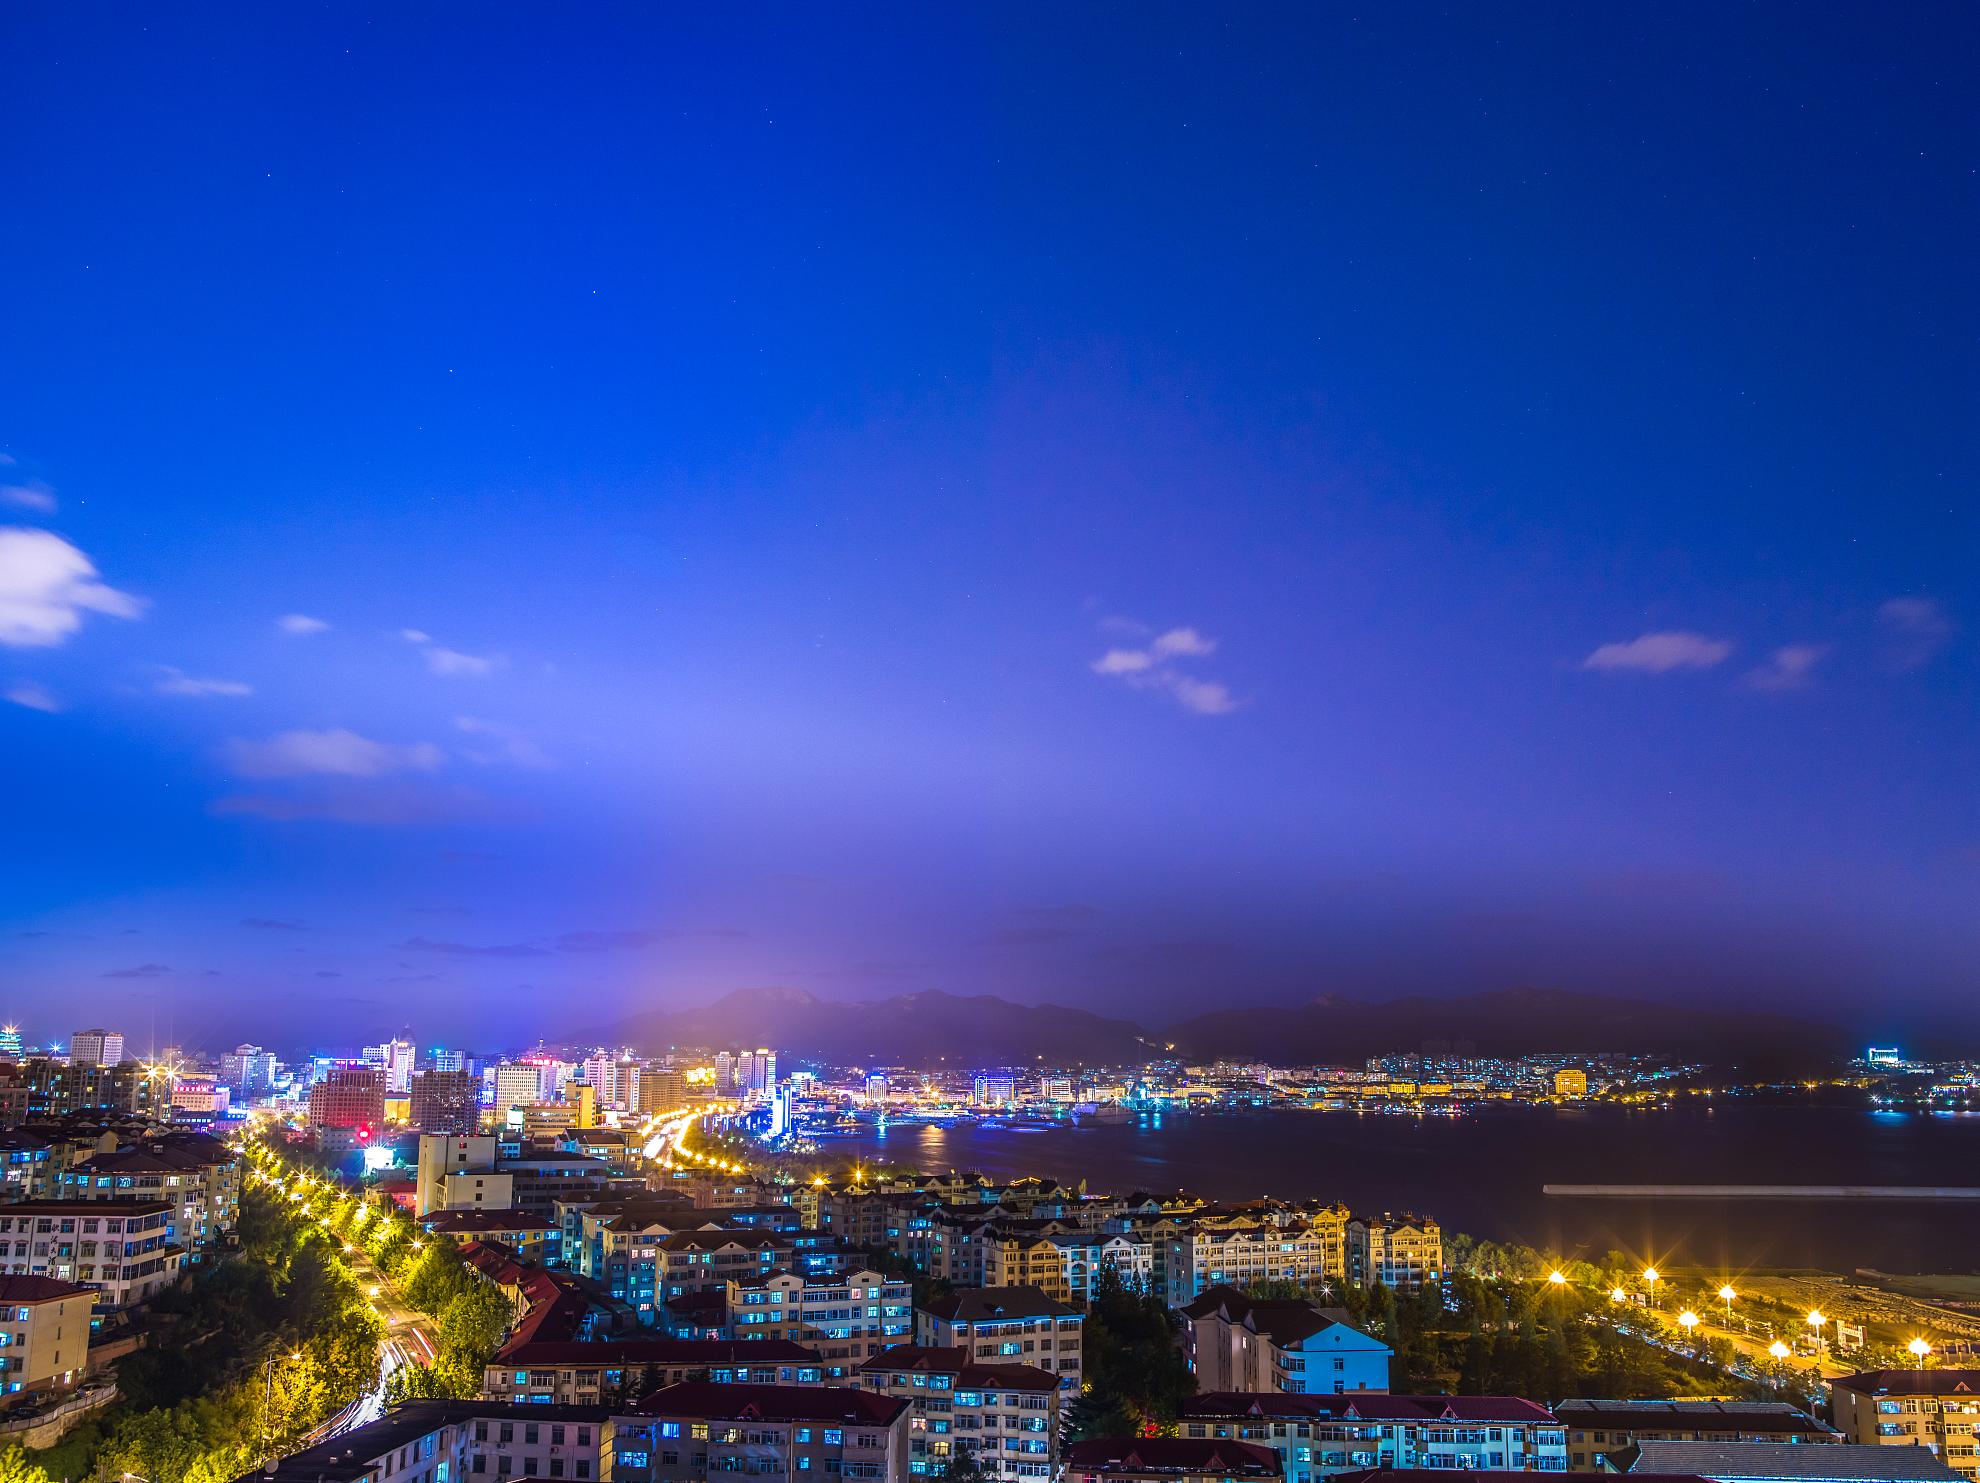 香港游记攻略_威海图片大全_威海风景图片/景点照片/旅游摄影【驴妈妈攻略】